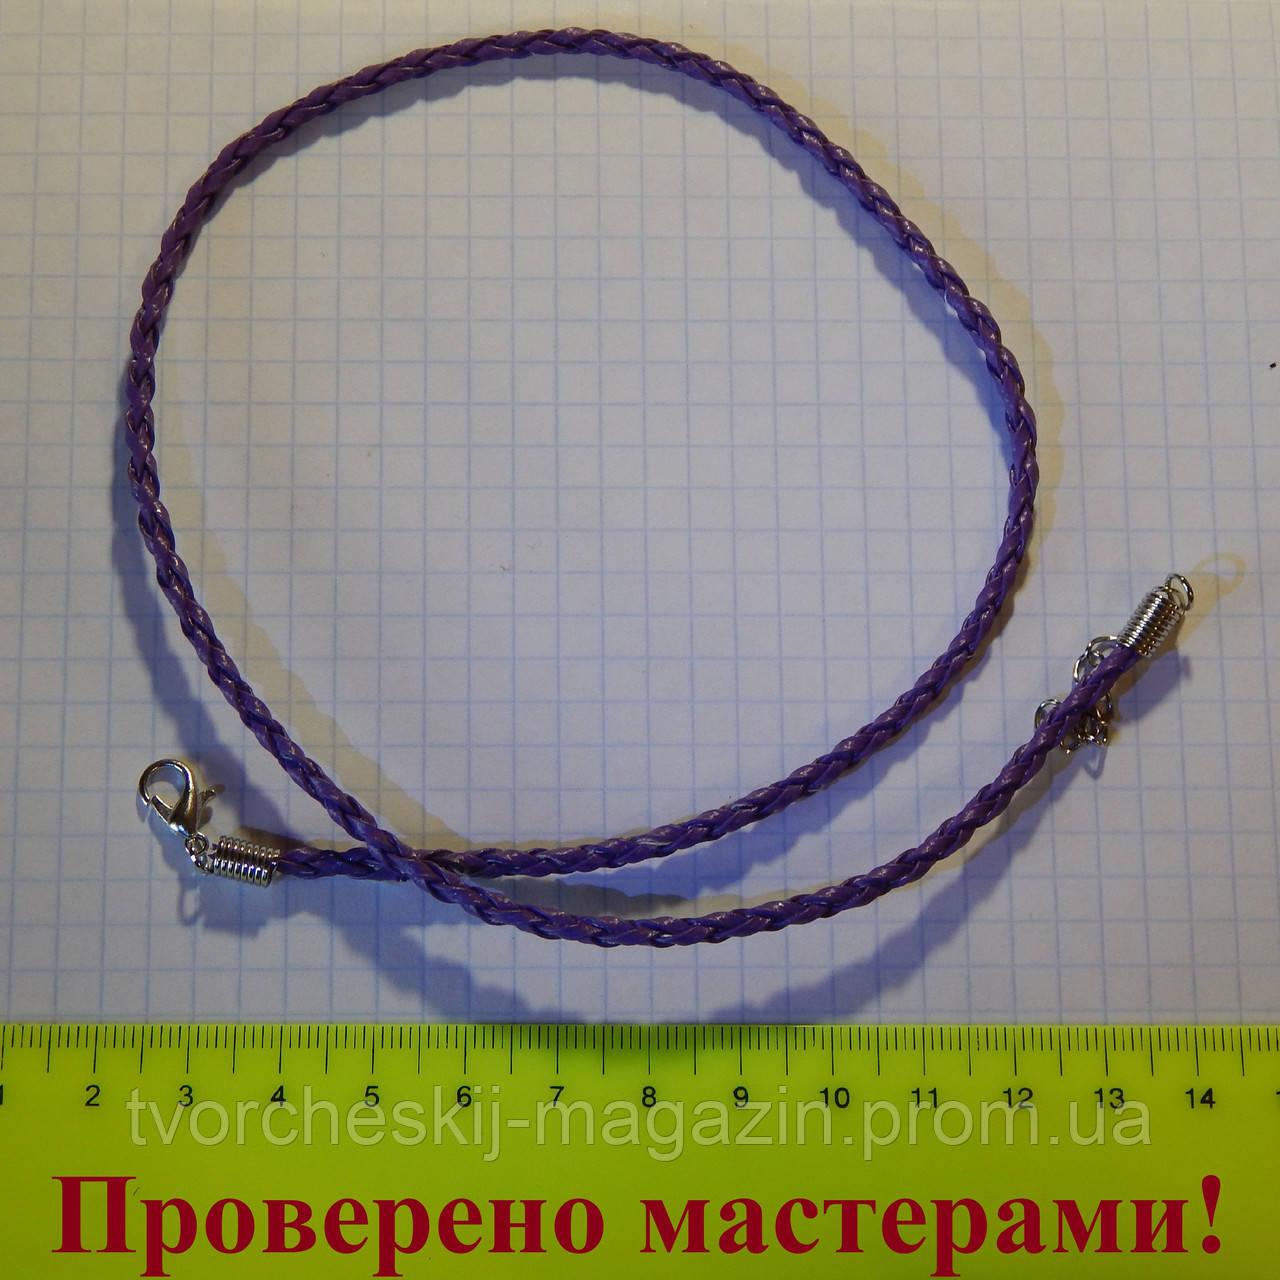 Плетеный шнур 3 мм с застежкой и удлинителем, 45 см, цвет фиолетовый